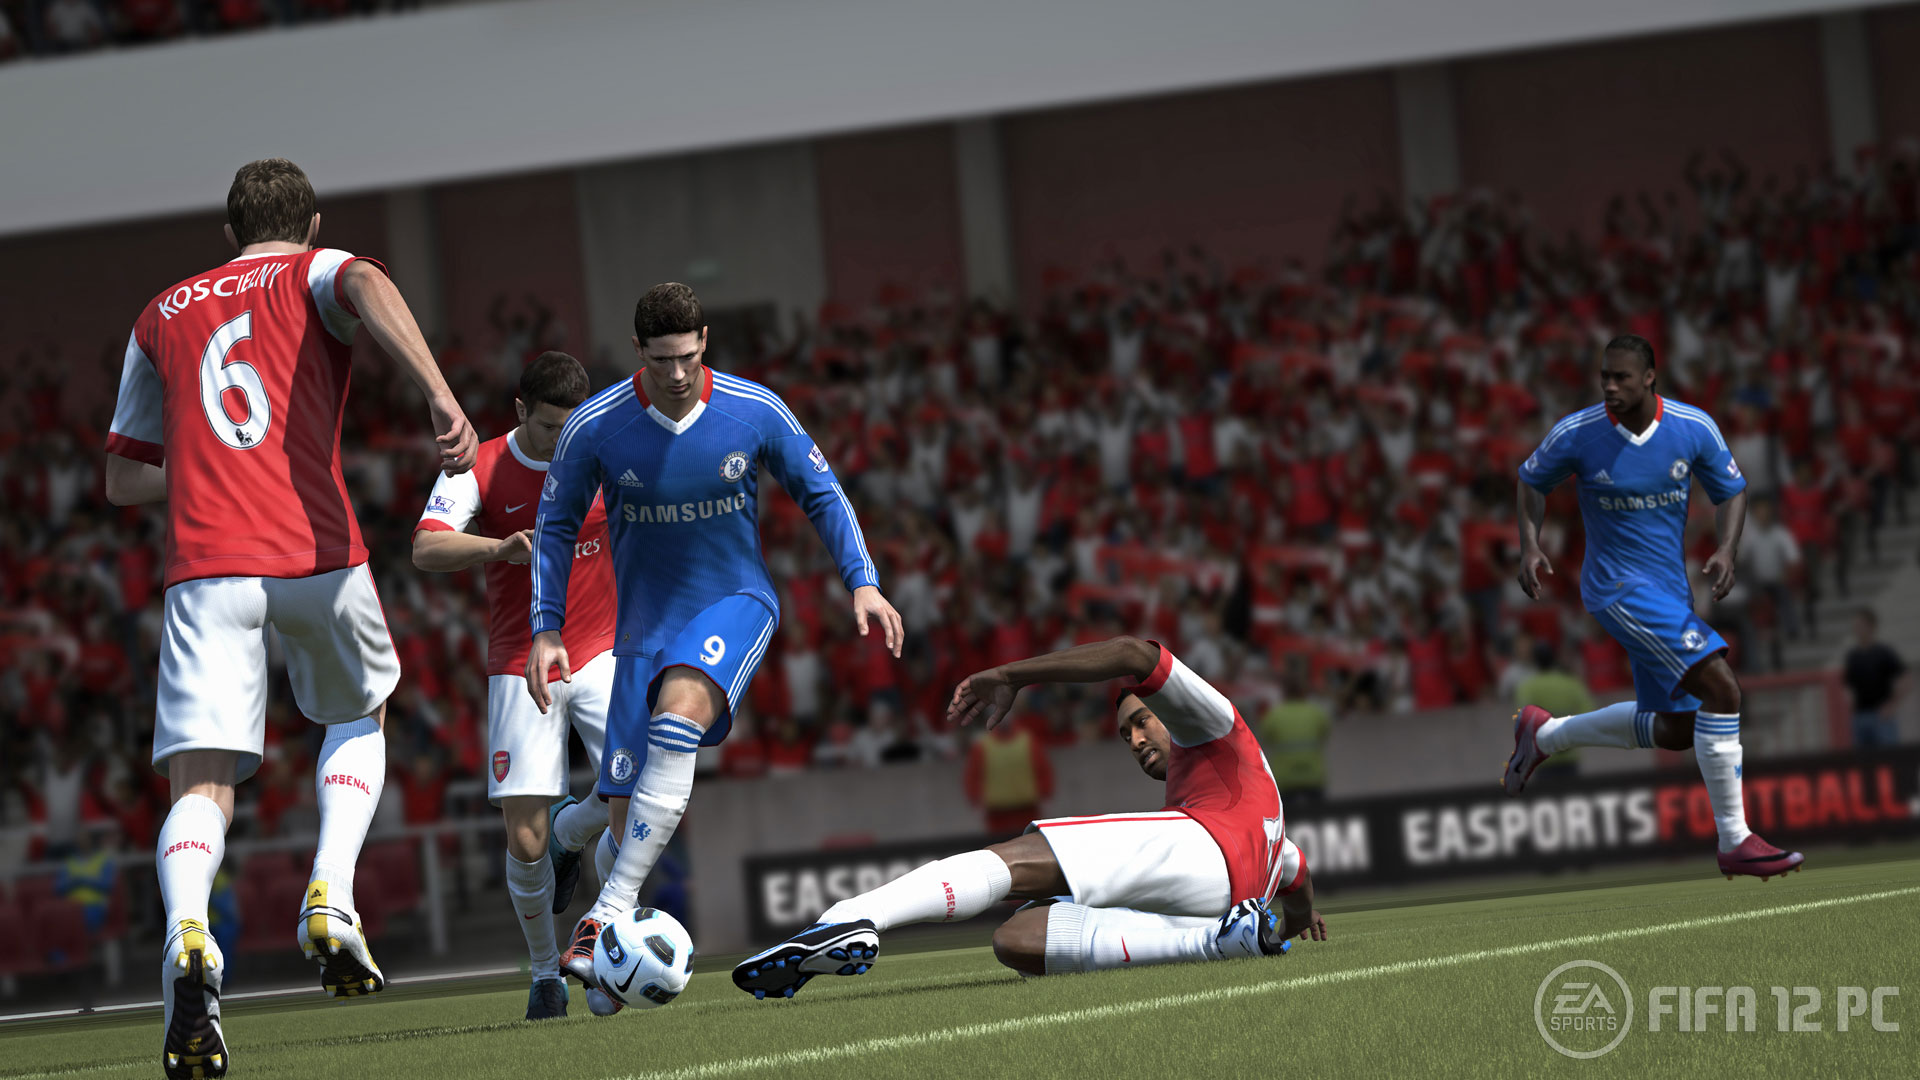 ¡Que sí, también chocará mejor FIFA 12 en PC!